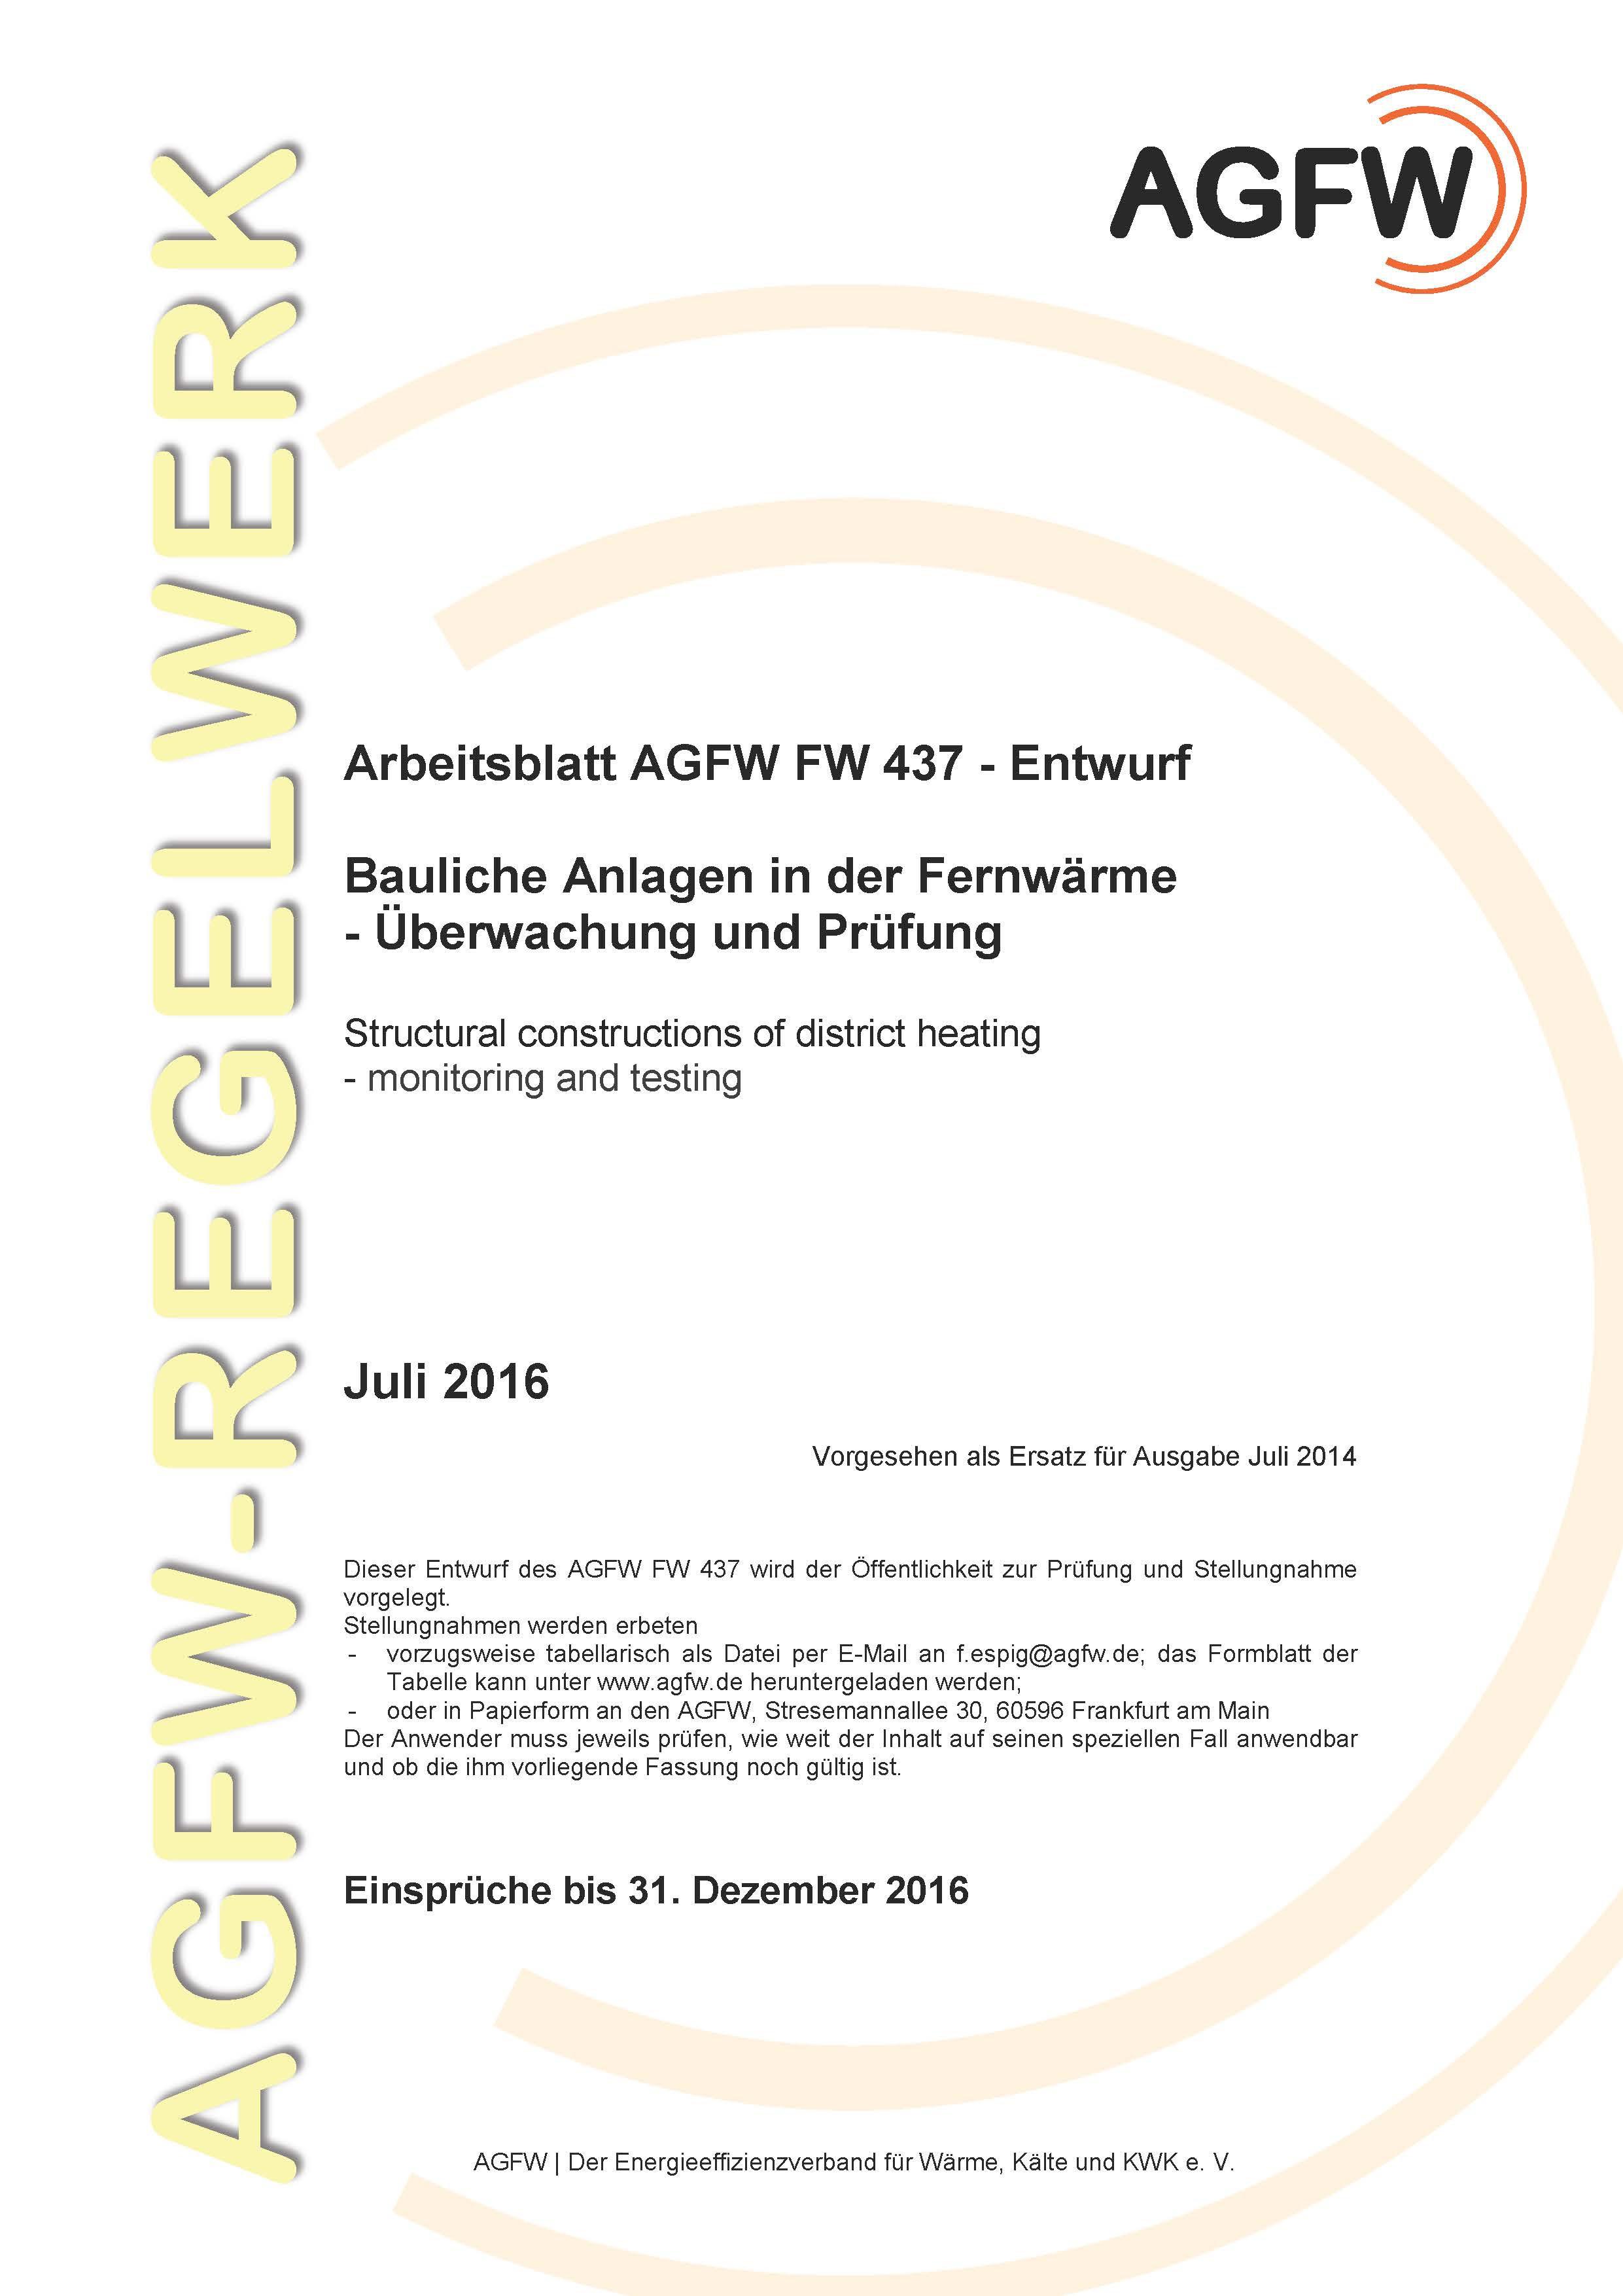 FW 437 Änderung 1 - Bauliche Anlagen in der Fernwärme - Überwachung ...